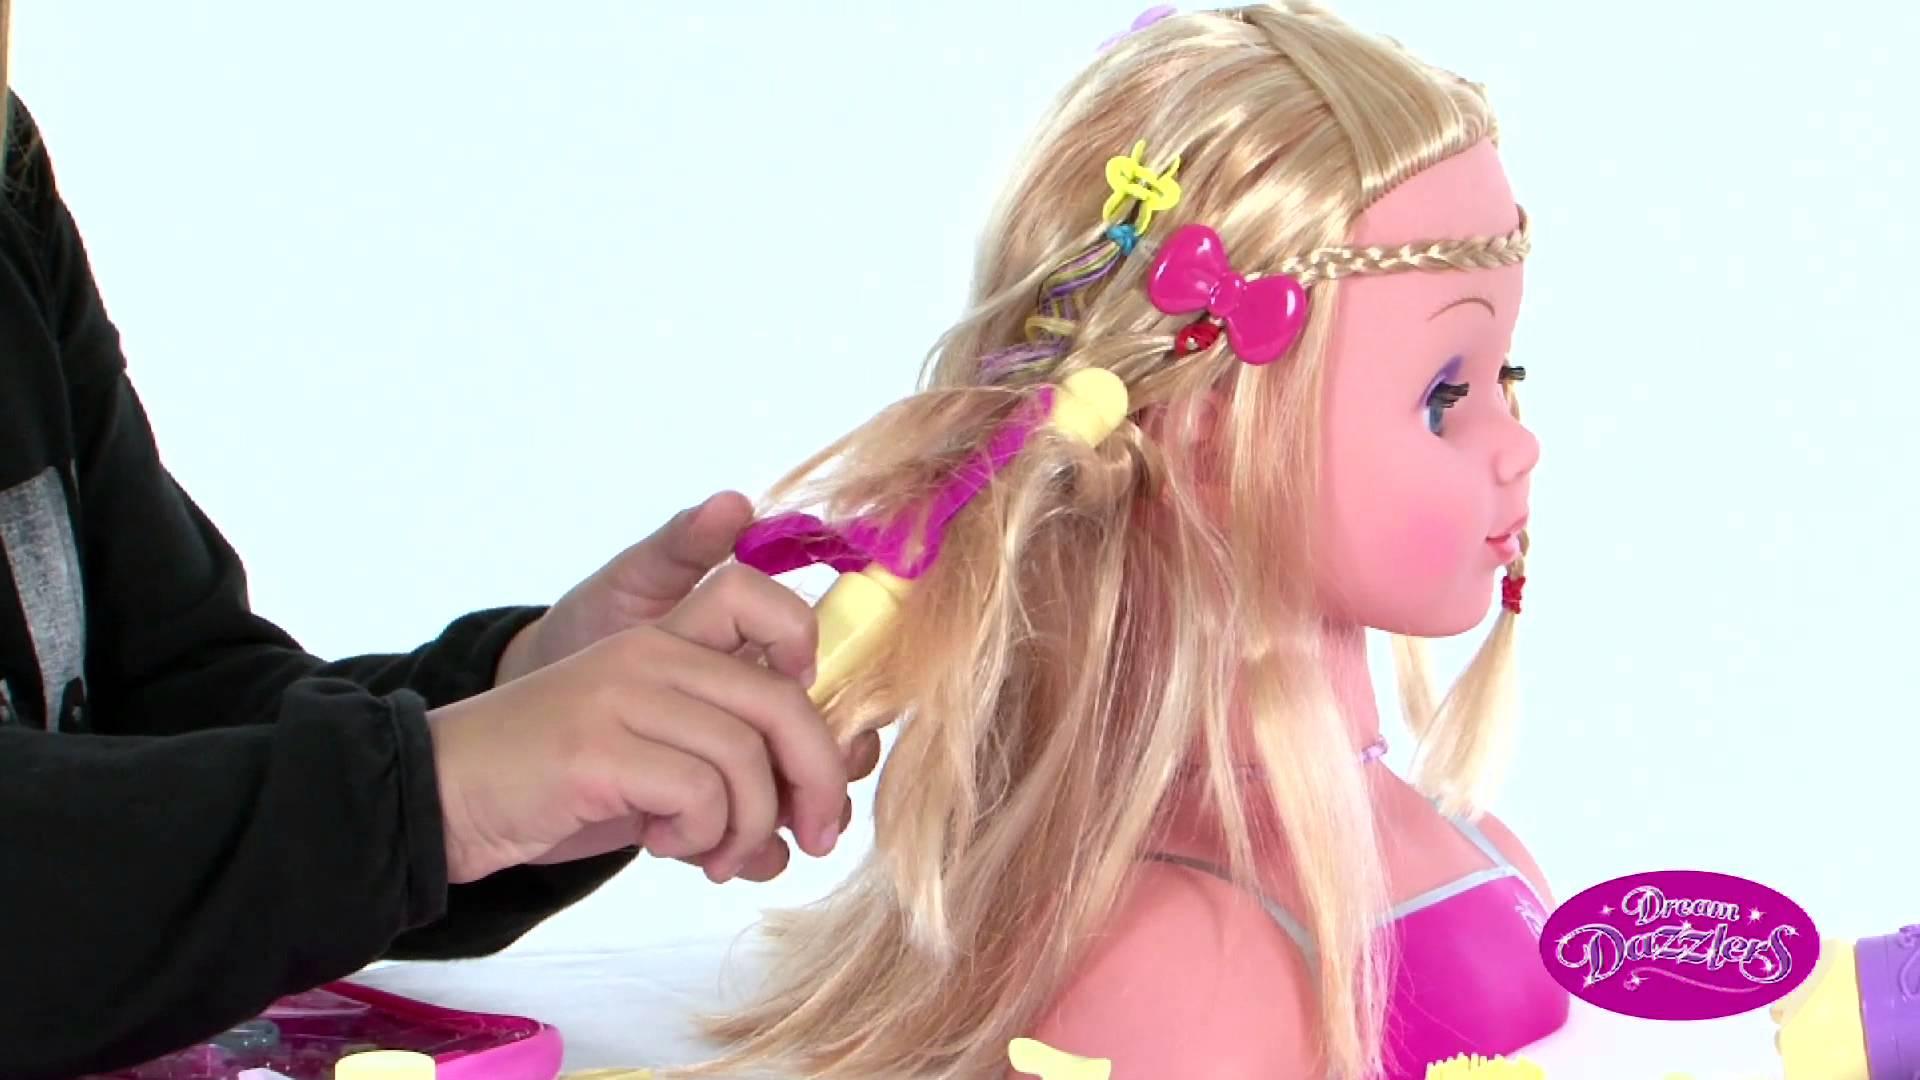 Quels sont les cinq avantages d'une tête à coiffer ?